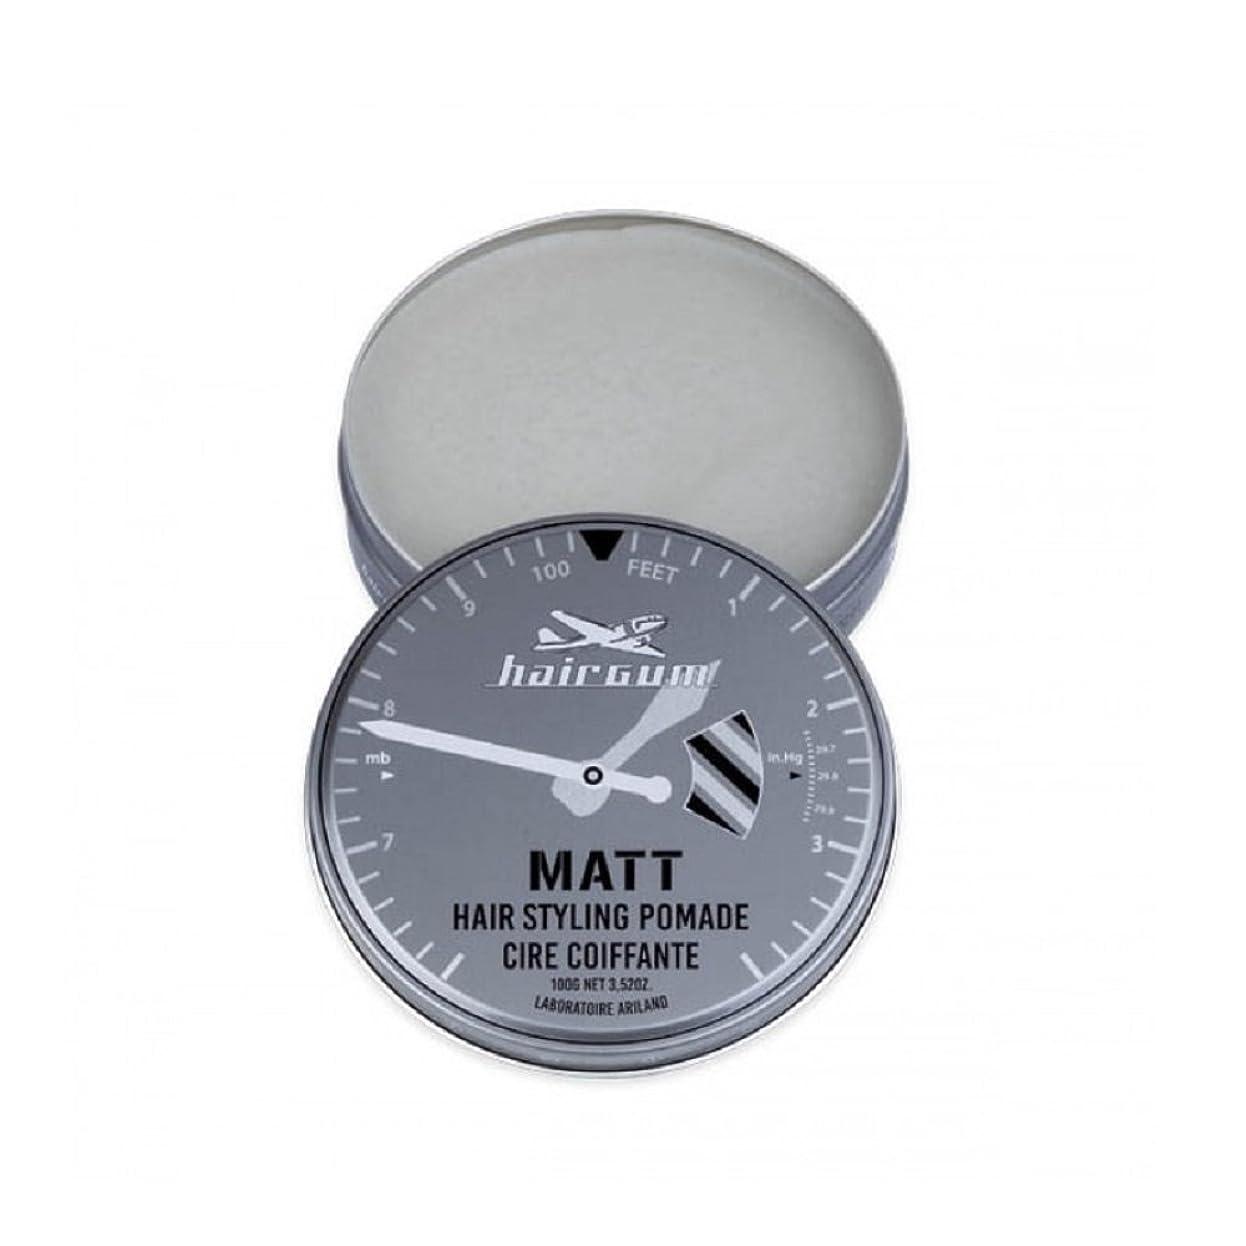 海外料理ワーカーhairgum(ヘアガム) Matt Pomade 100g ヘアガム マット 油性 ポマード グリース